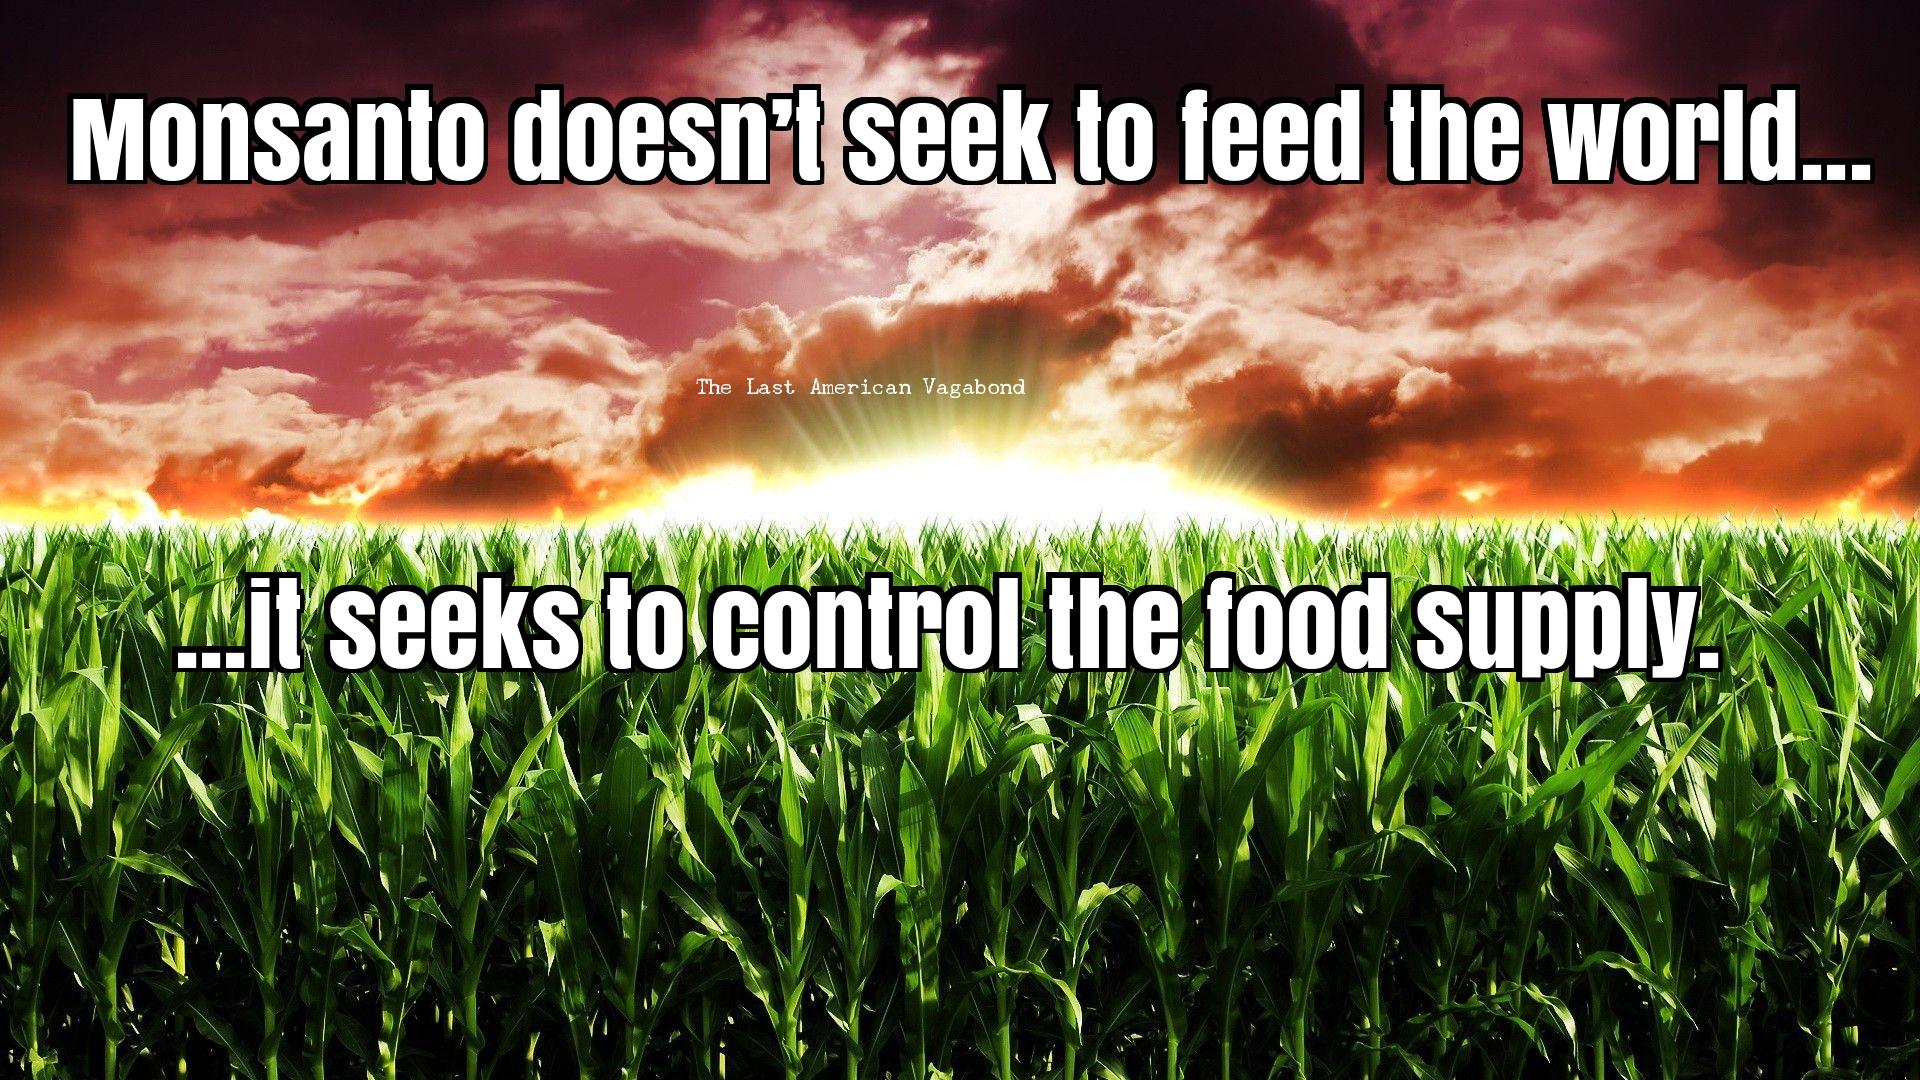 Monsanto-control-meme